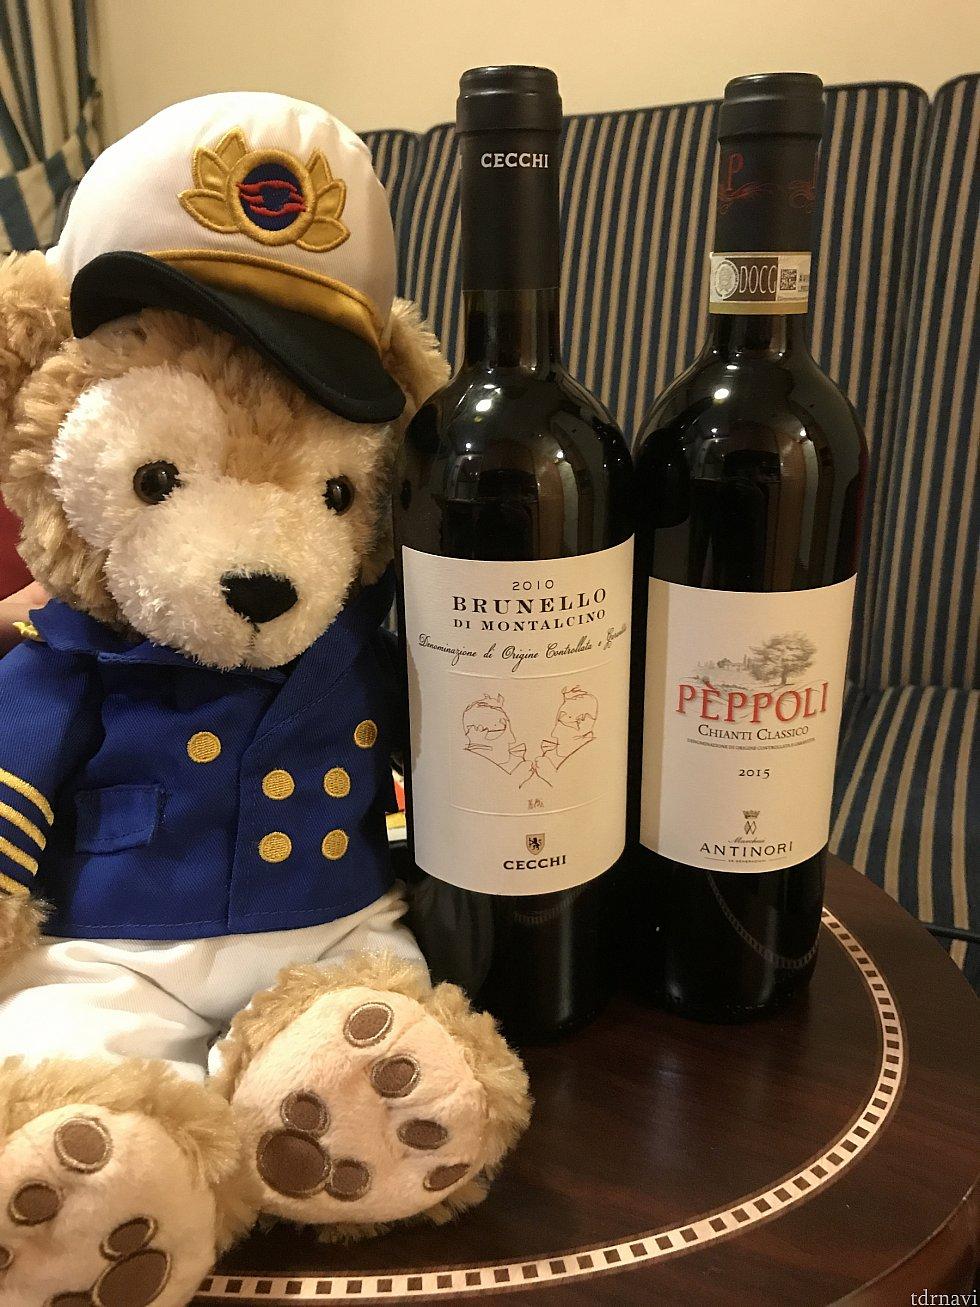 というわけで、2本のワインを購入!船内で飲んじゃいましたー!